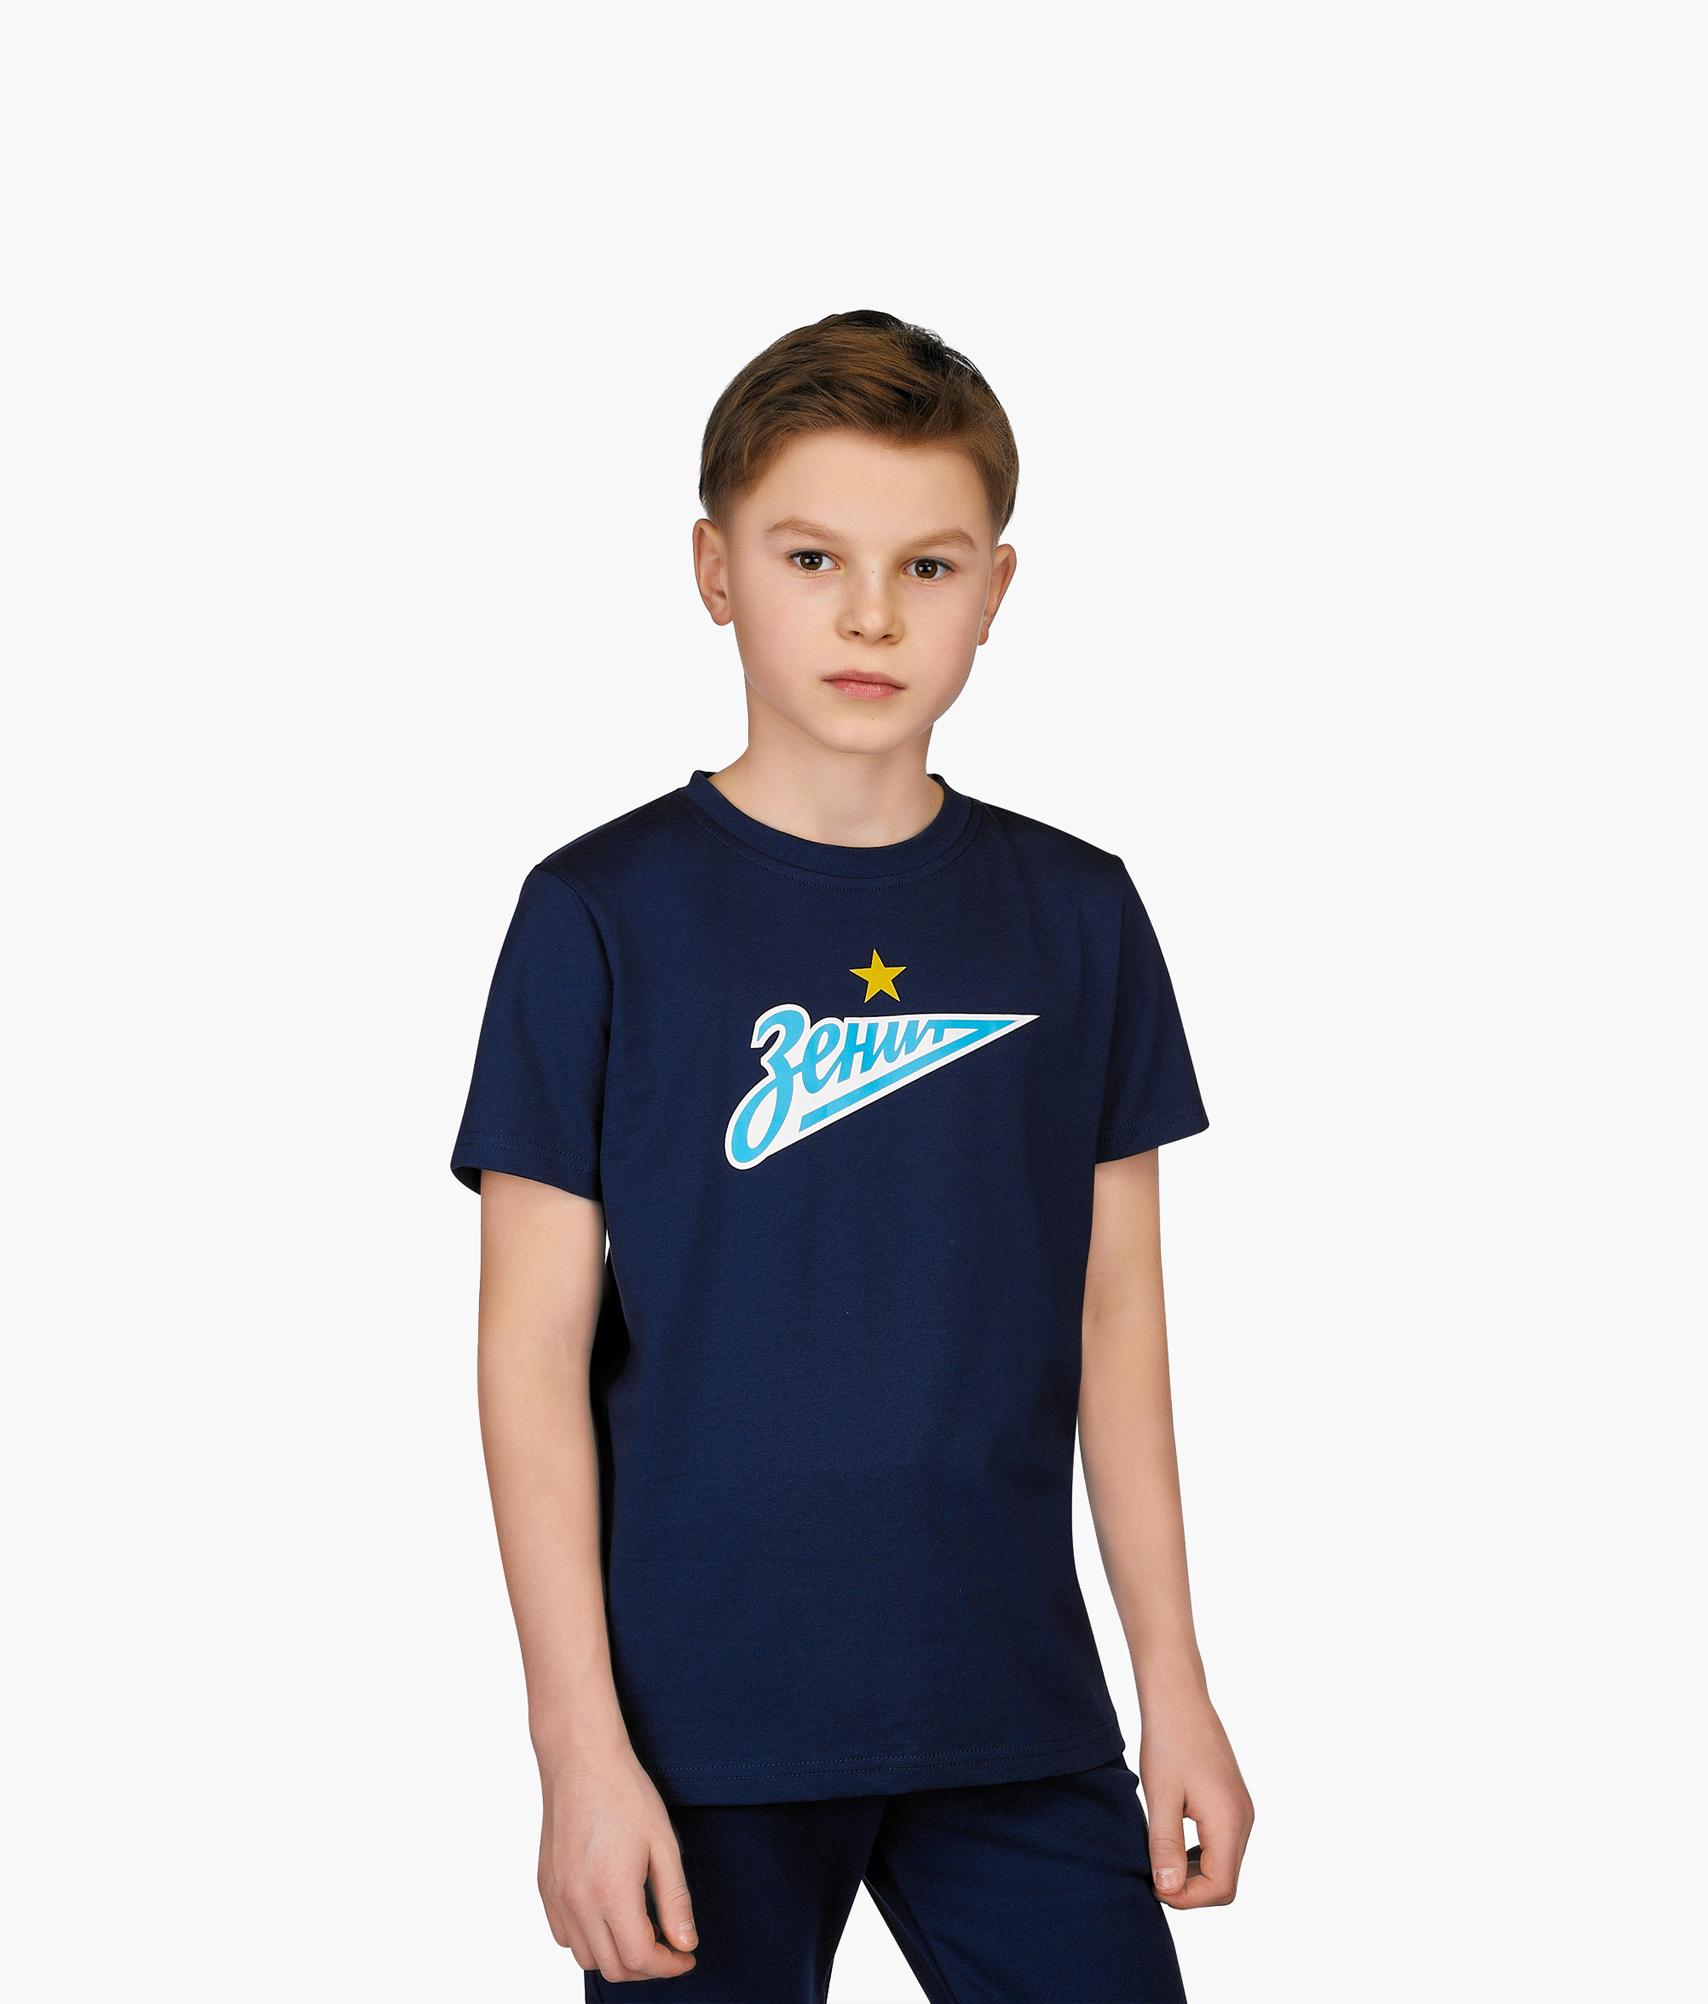 Футболка подростковая «Зенит» Зенит Цвет-Синий футболка зенит со своей фамилией